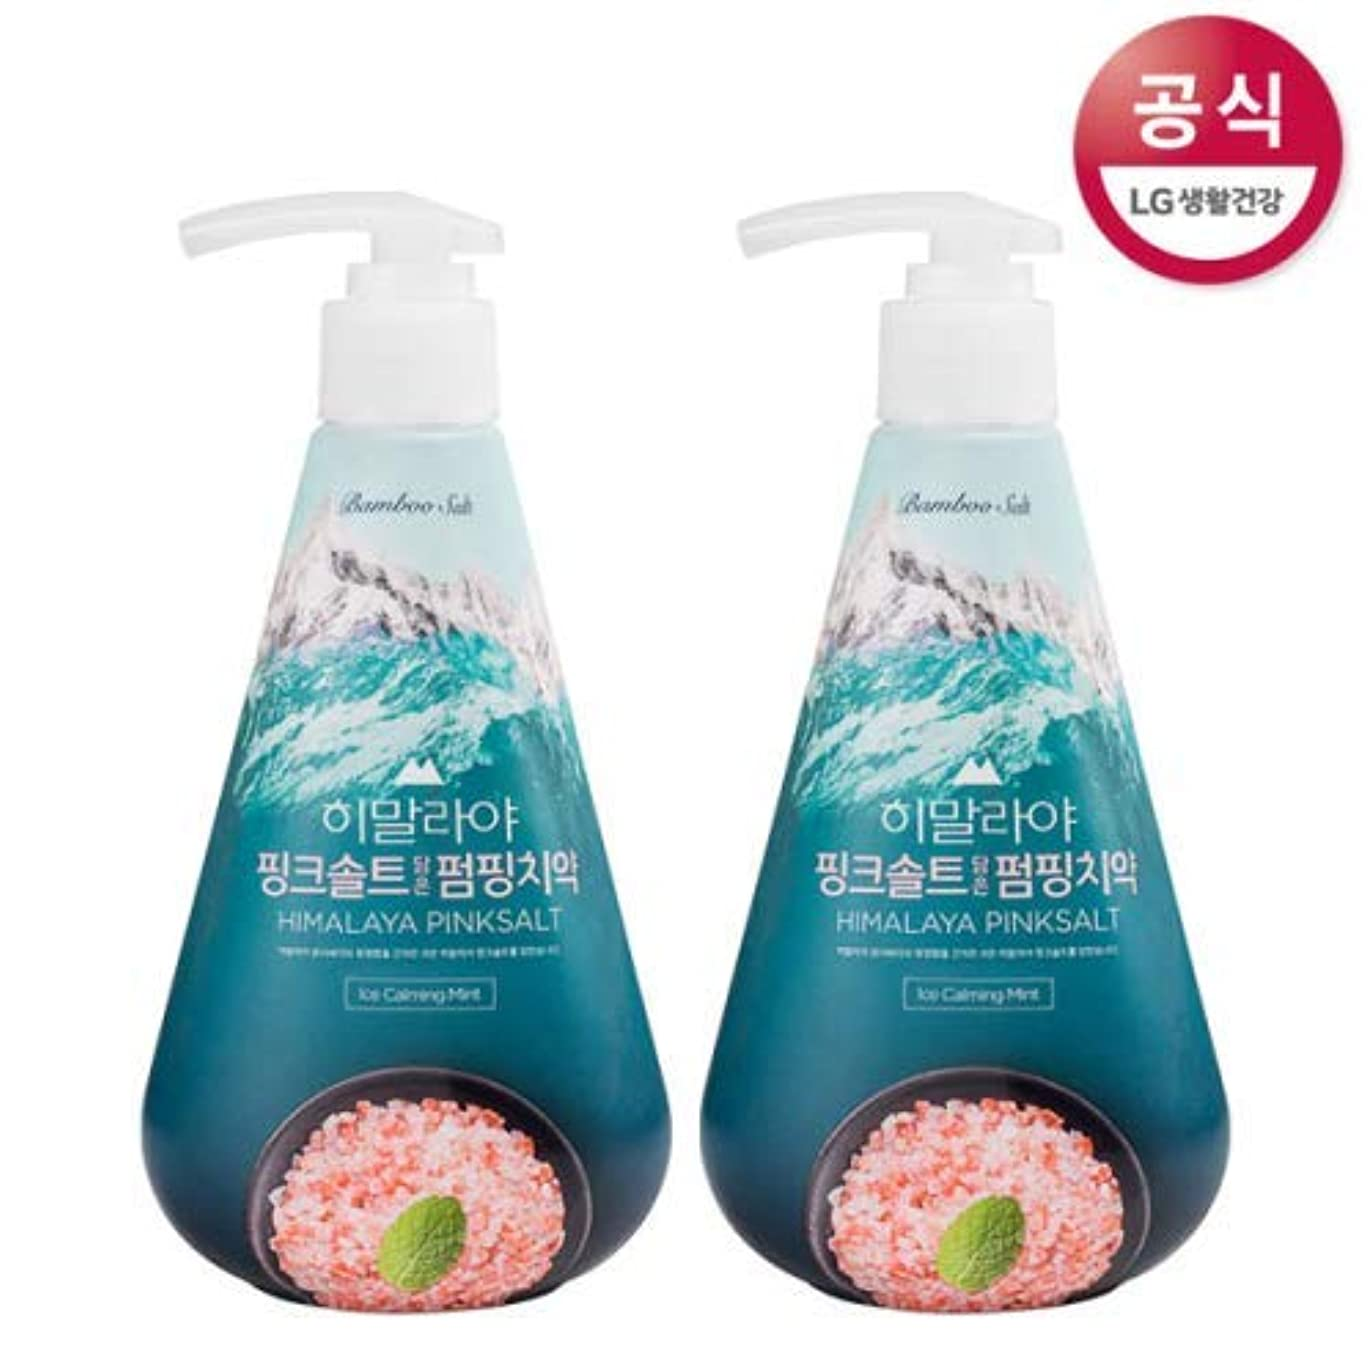 自信がある柔らかい足摂氏[LG Care/LG生活健康]ヒマラヤピンクソルトポンピング歯磨き粉アイスカミングミント285gx2個/歯磨きセットスペシャル?リミテッドToothpaste Set Special Limited Korea(海外直送品)